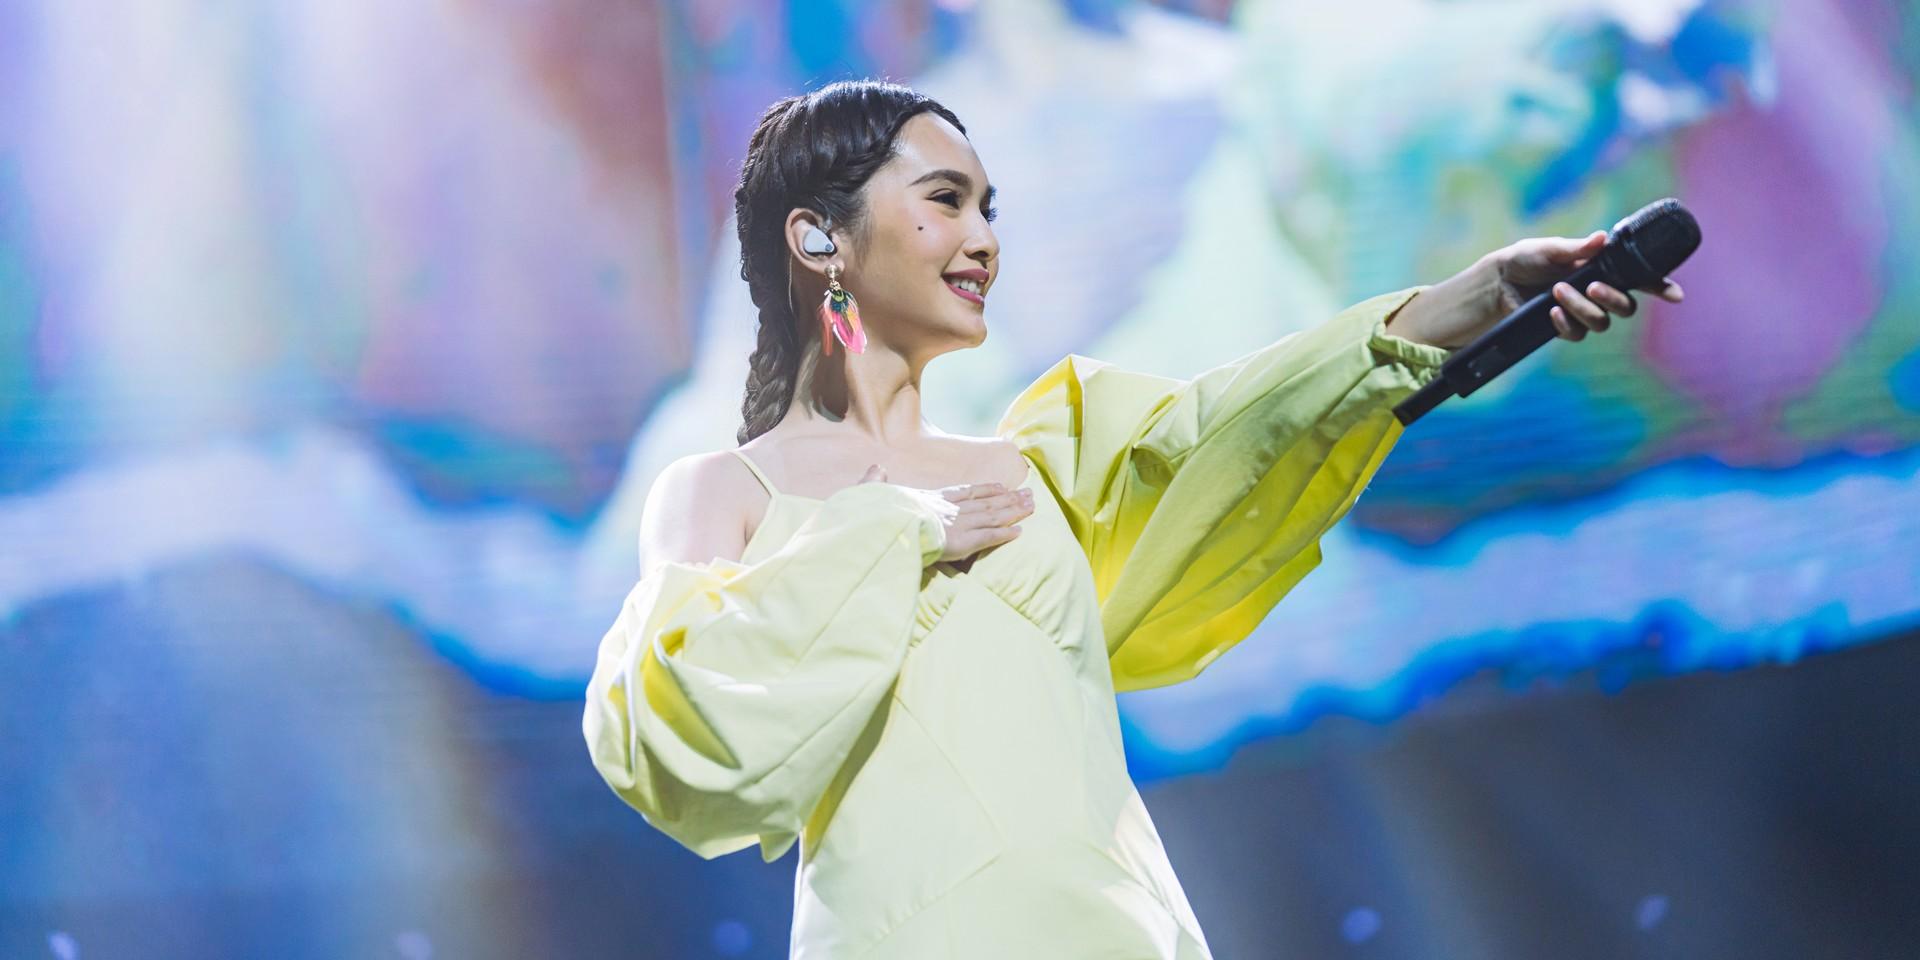 Rainie Yang evokes nostalgia at Singapore show – gig report